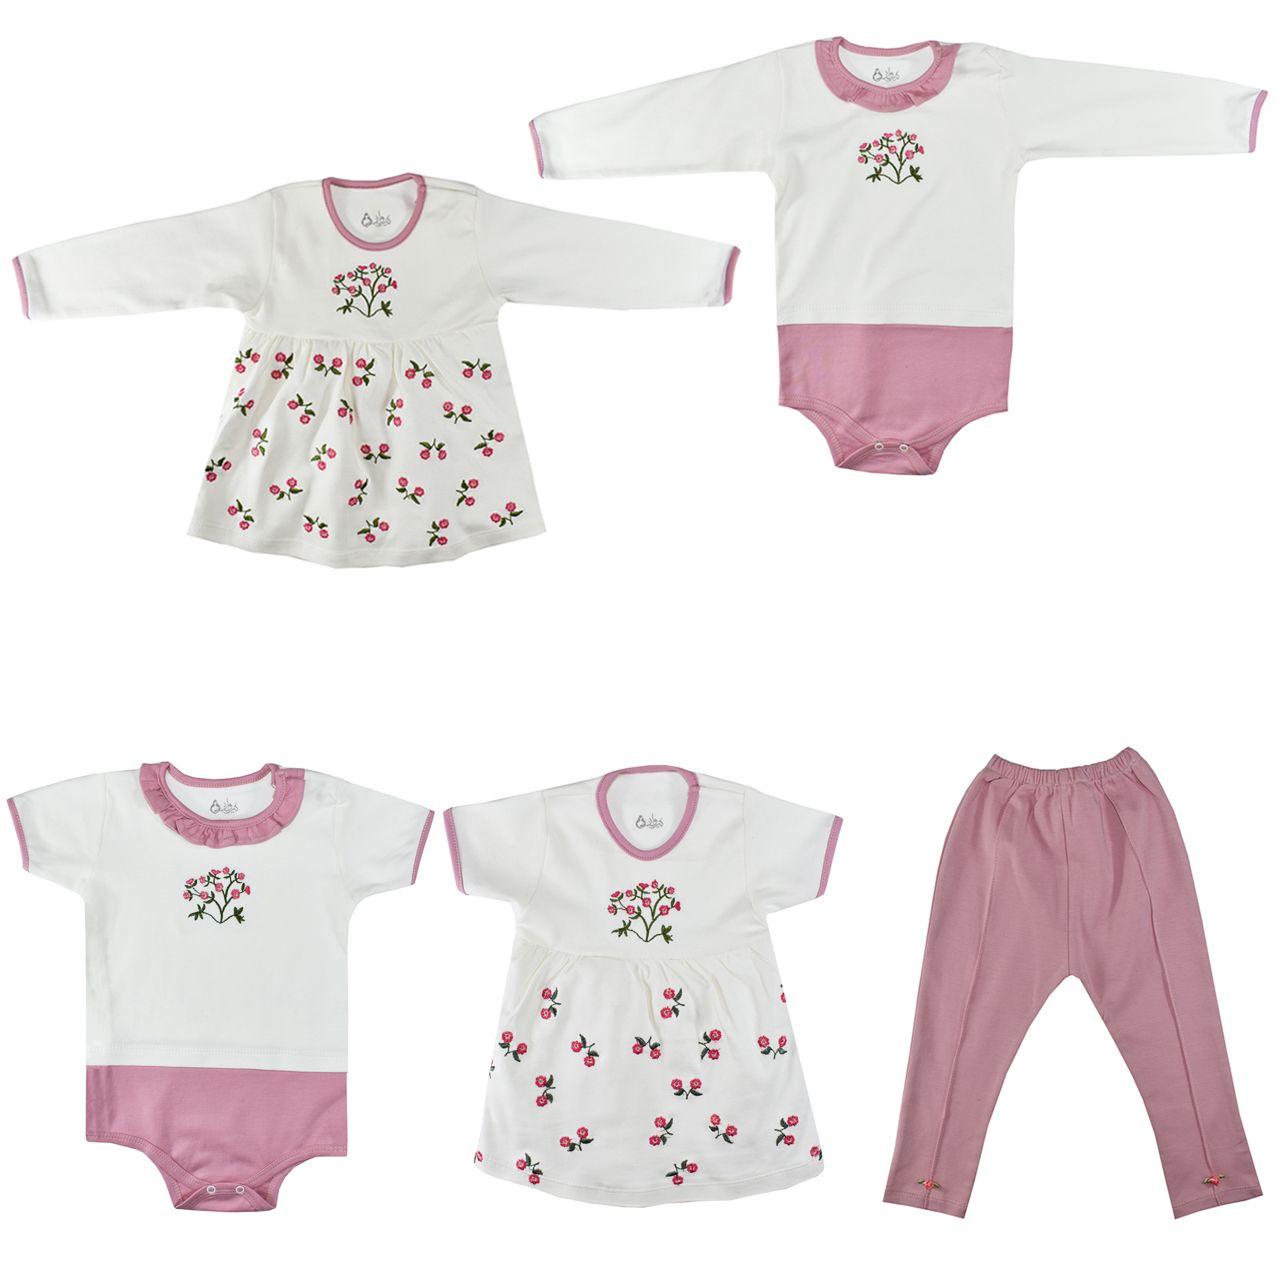 ست 5 تکه لباس نوزادی نیروان طرح گل کد 4 -  - 2